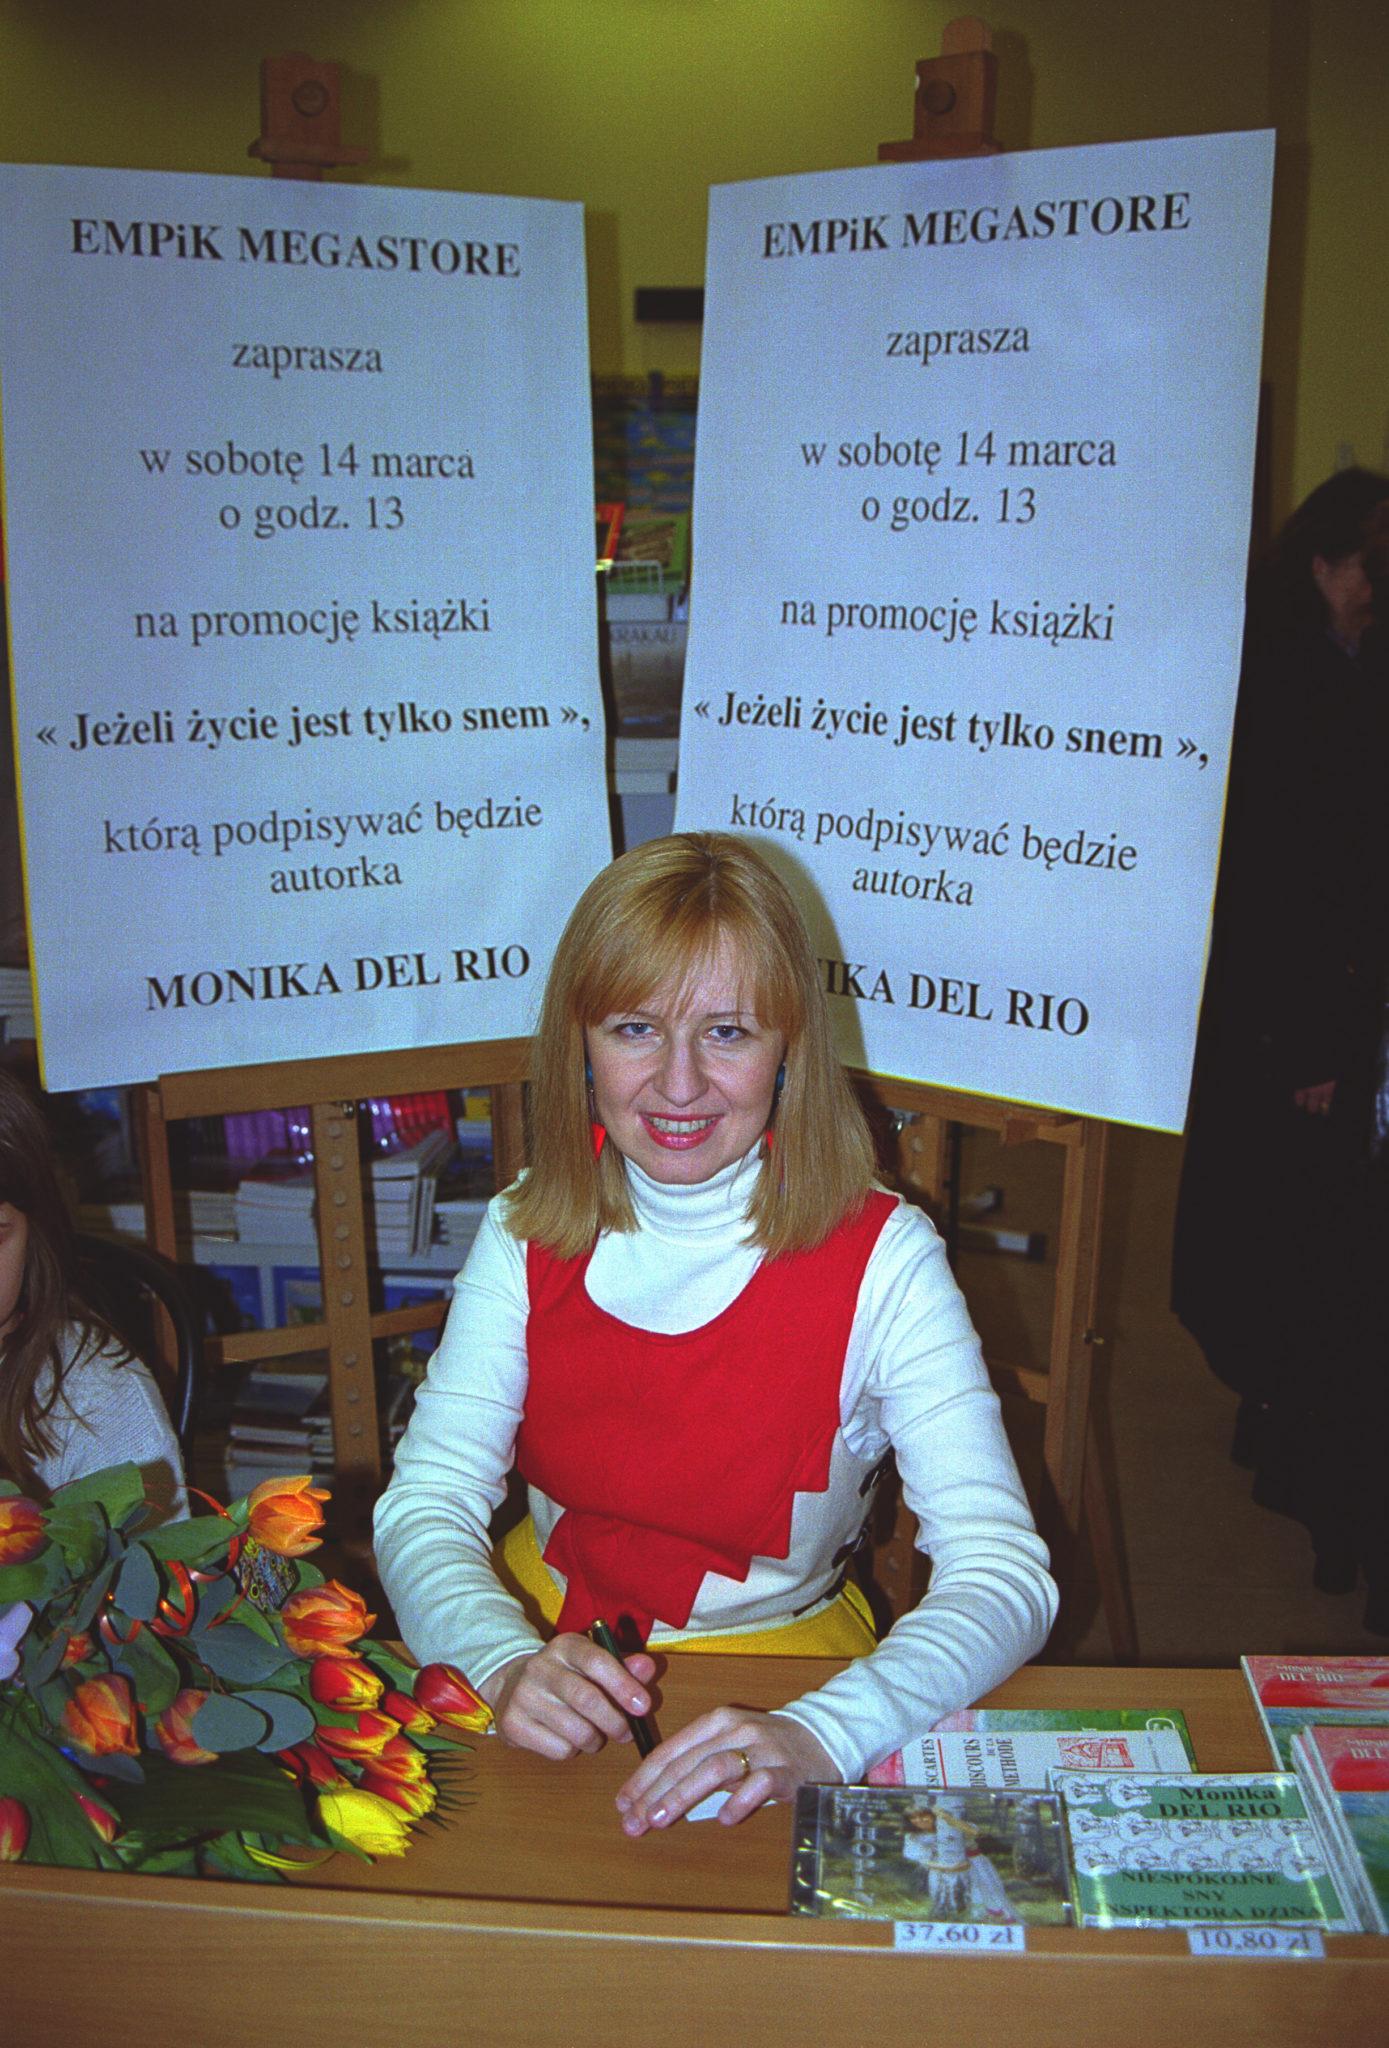 Dédicace chez Empik: Monika